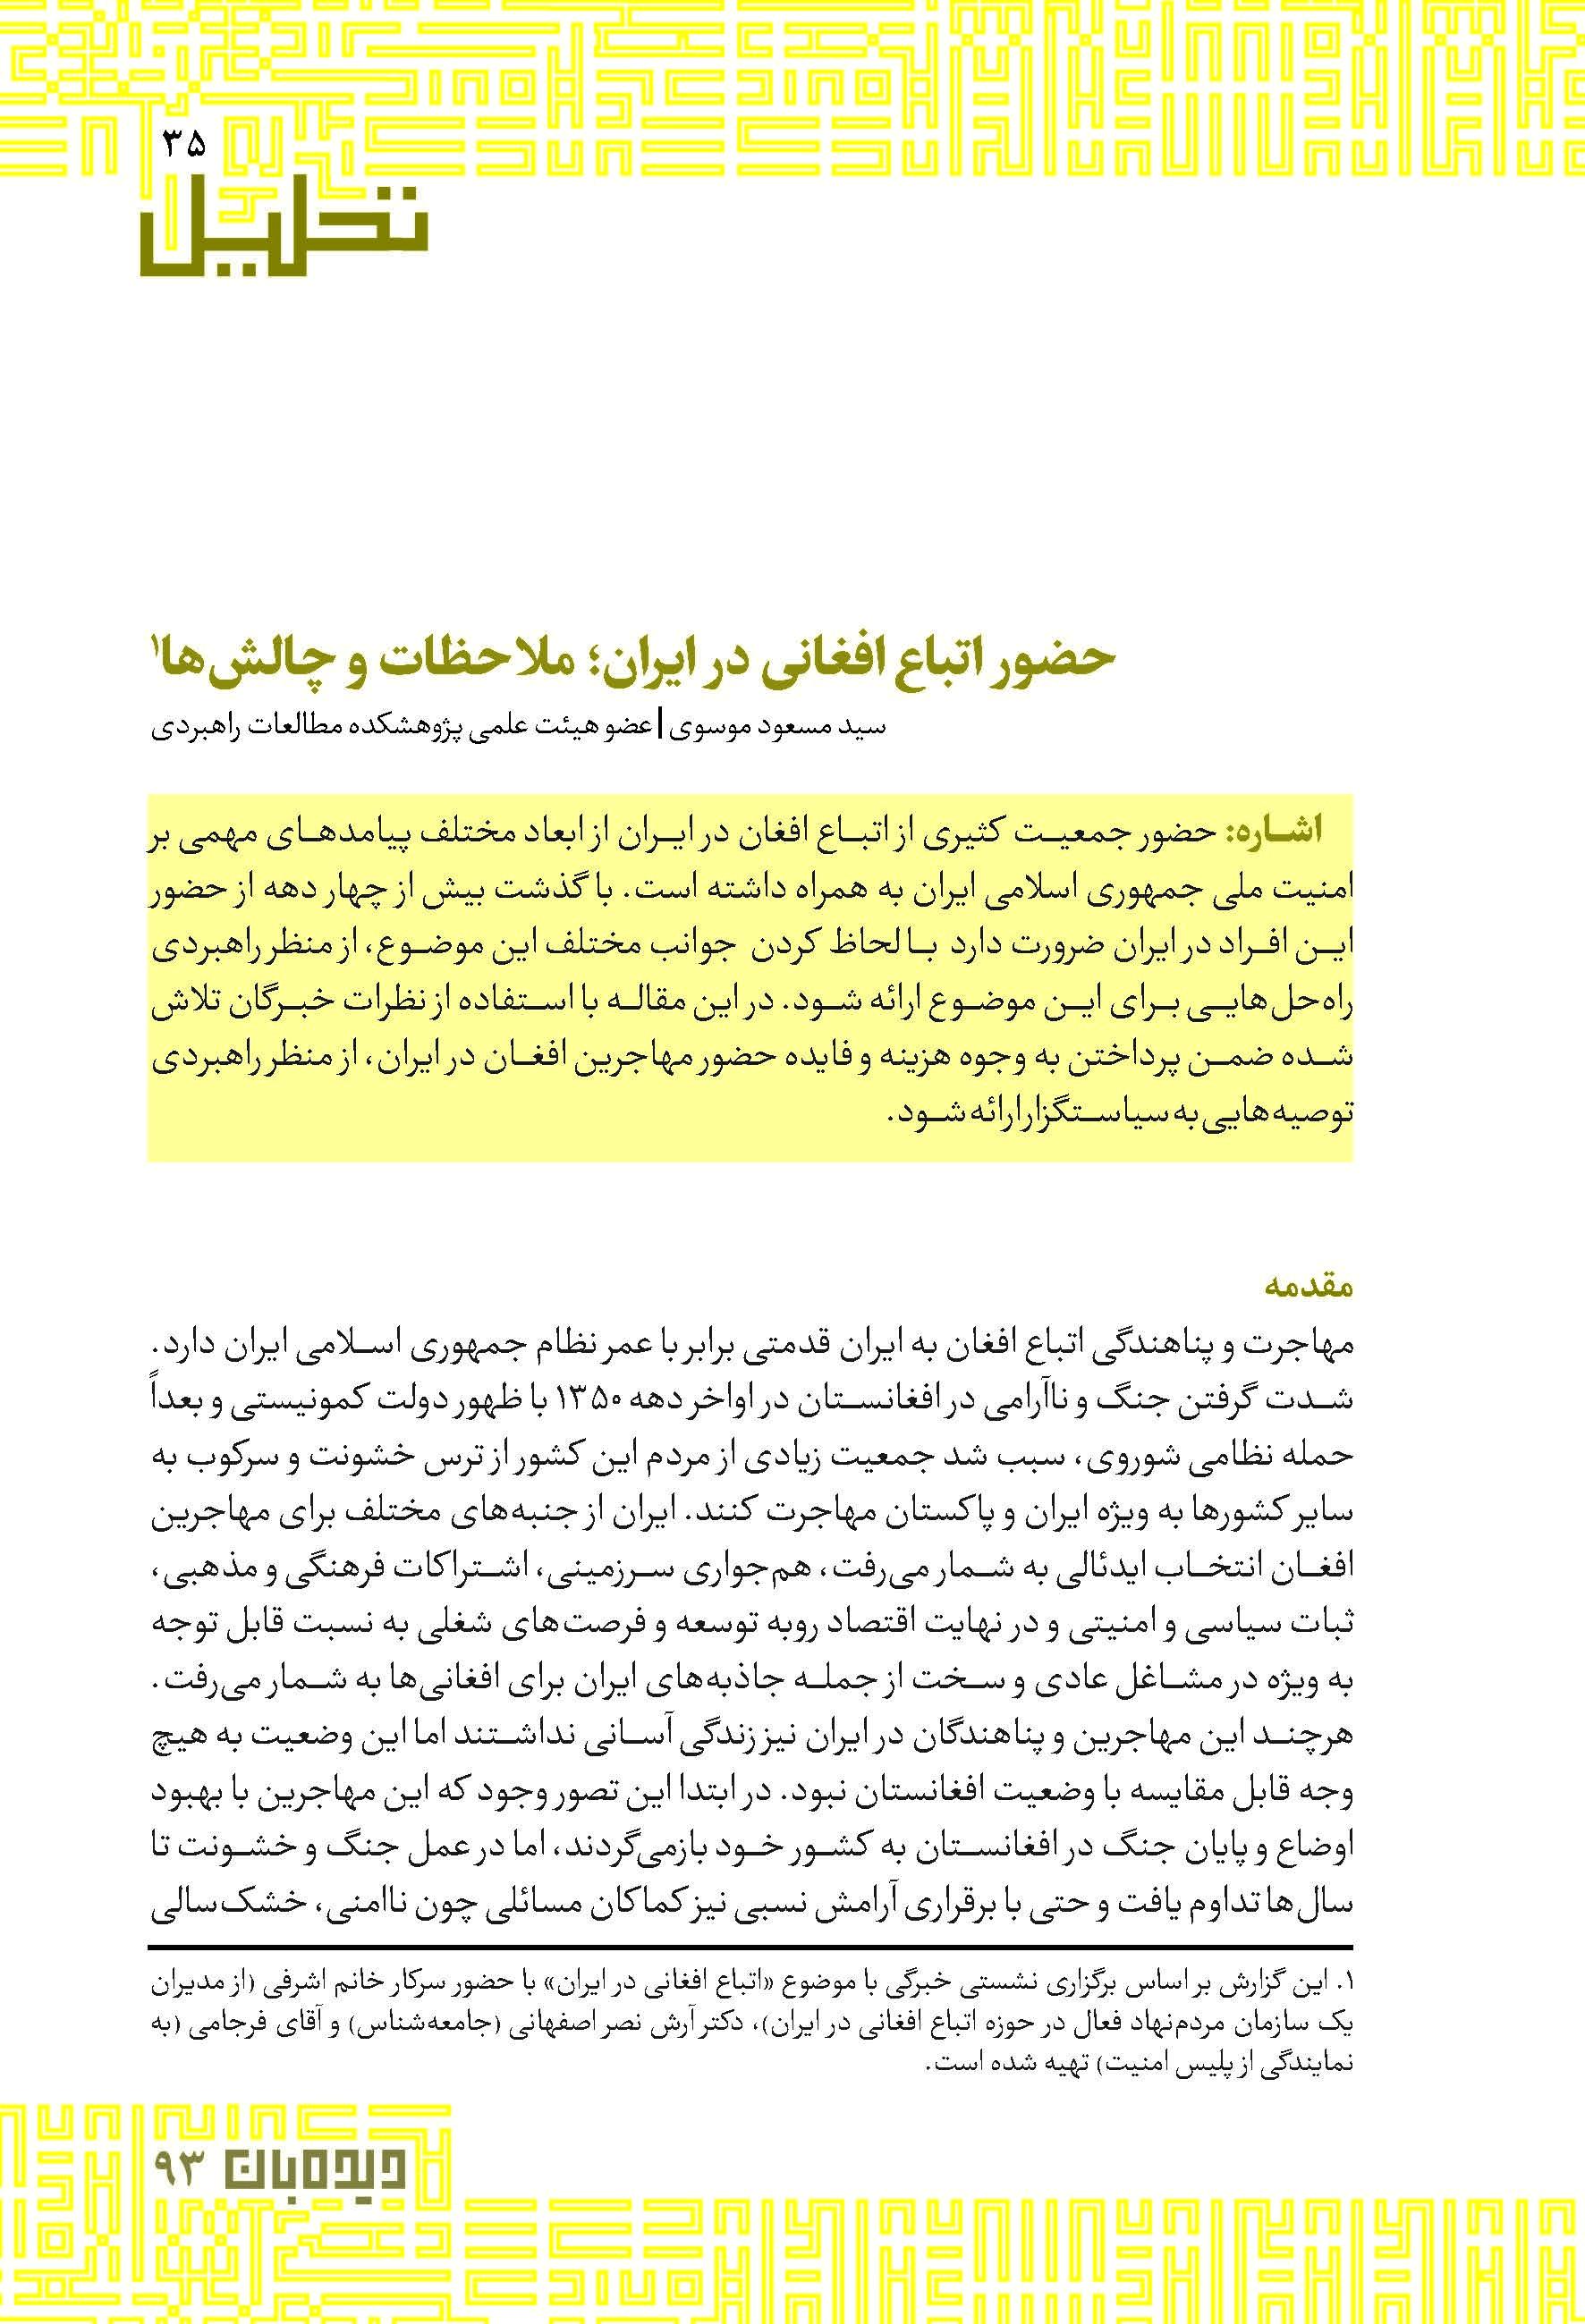 حضور اتباع افغانی در ایران؛ ملاحظات و چالشها